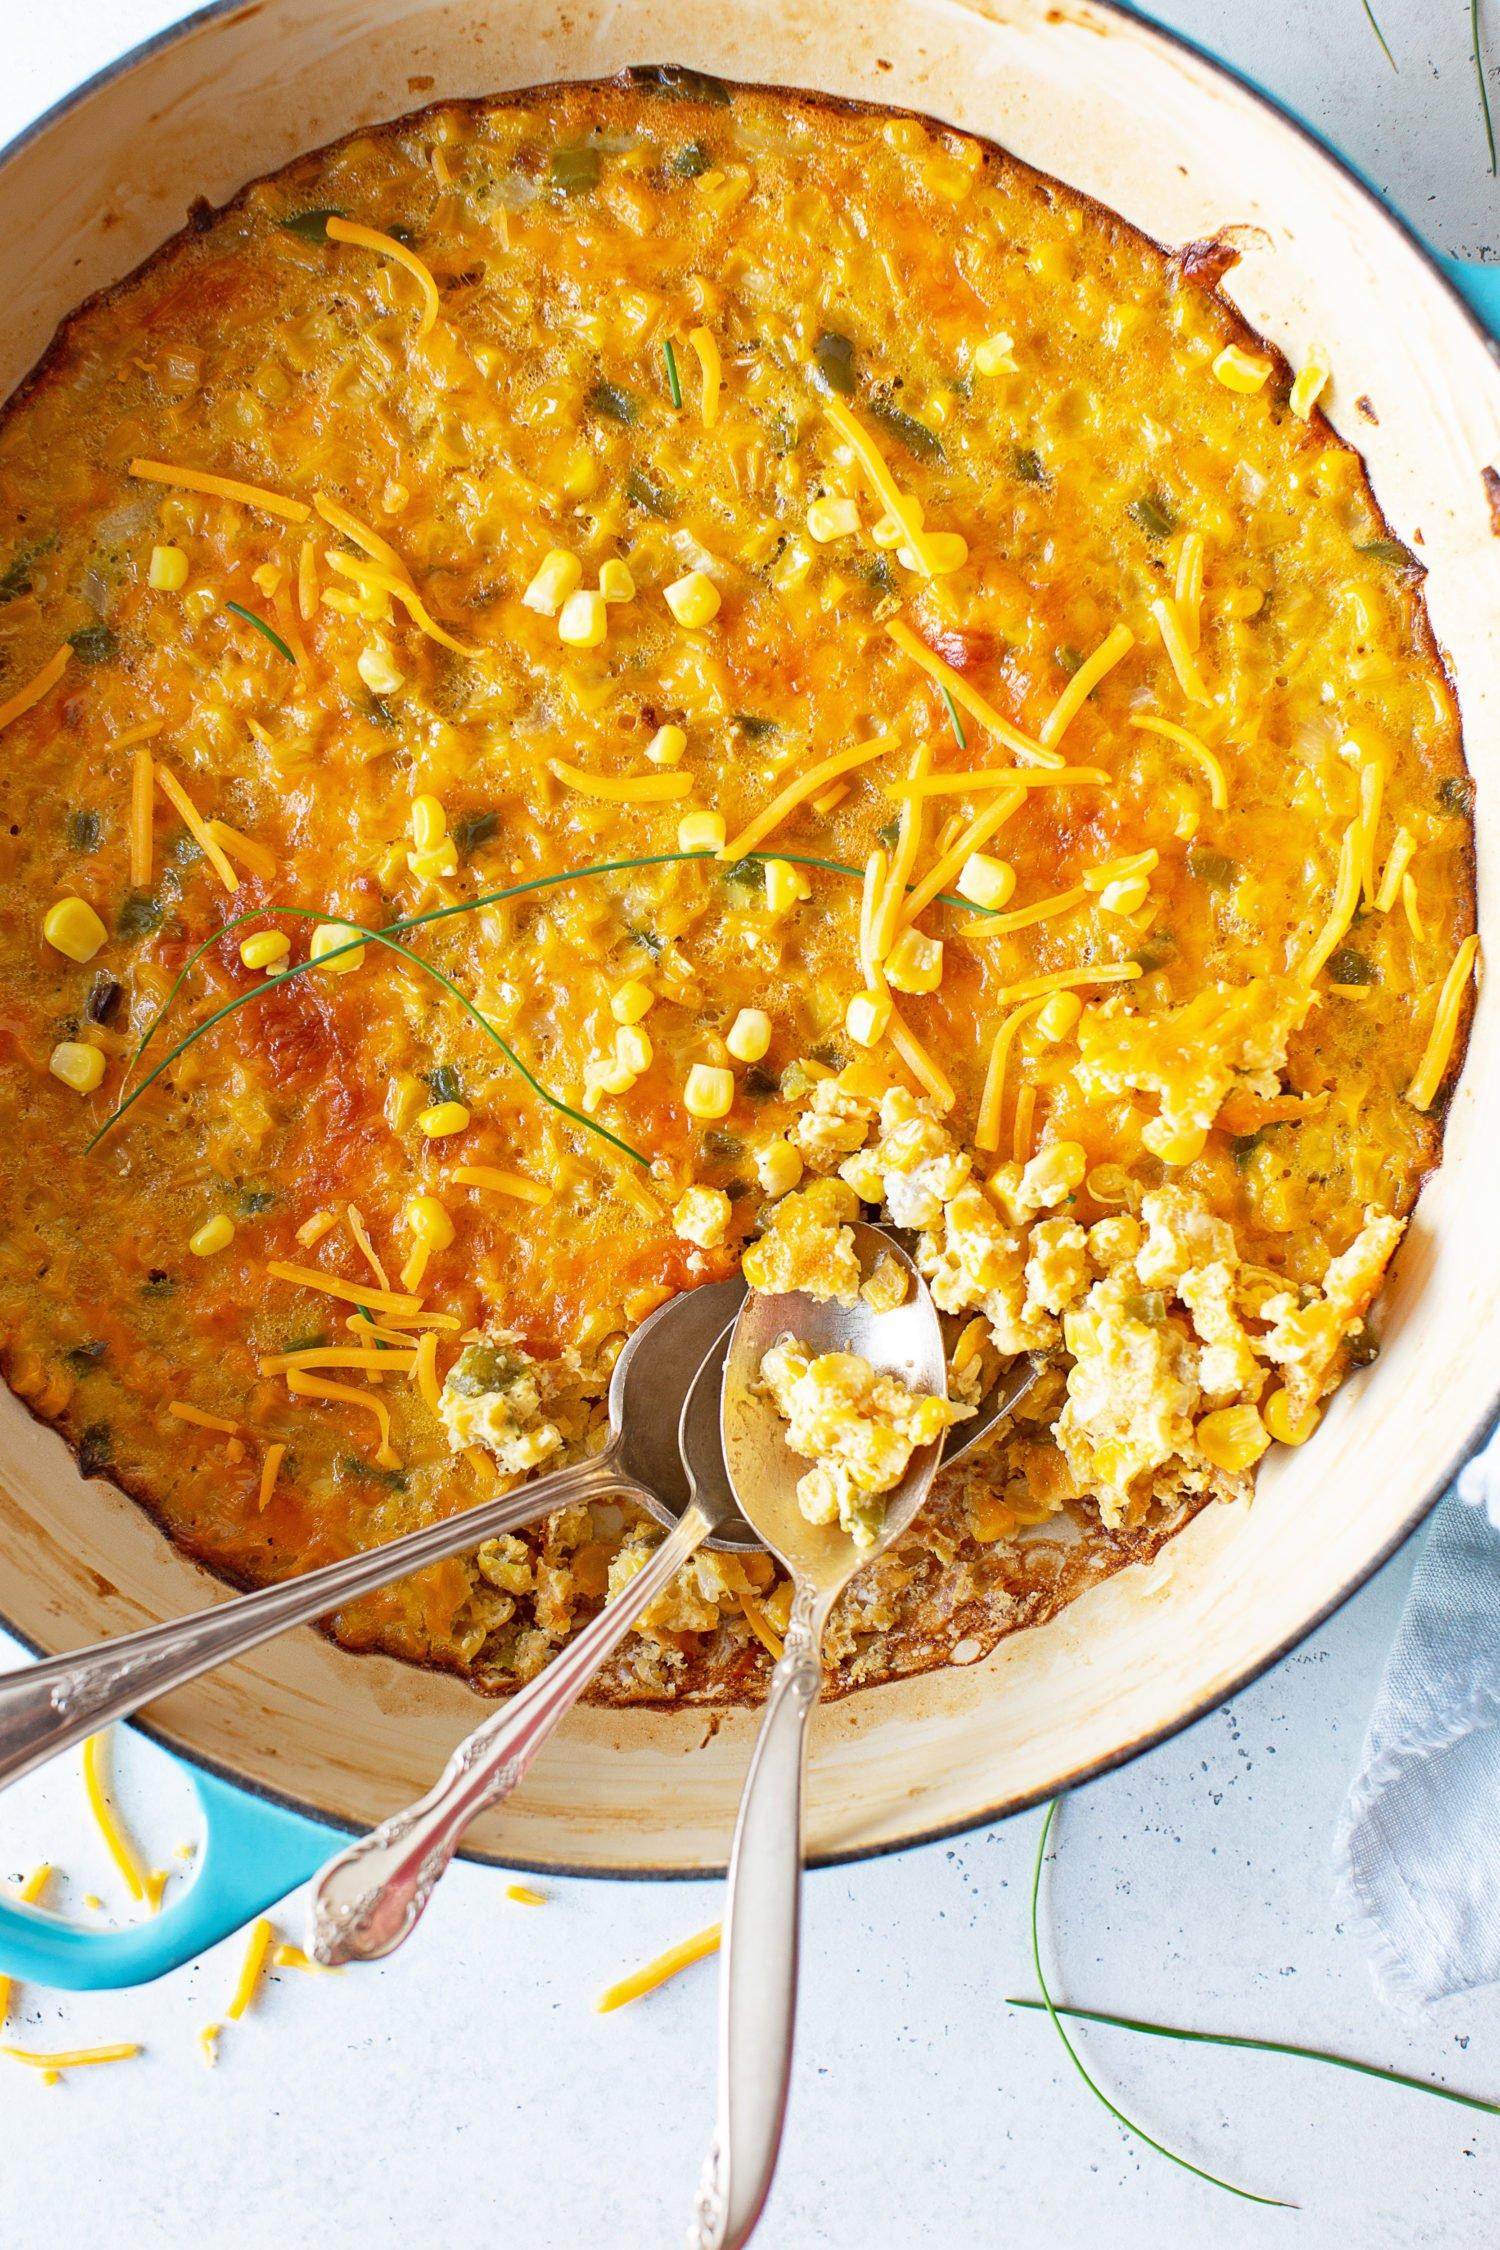 Corn Pudding Recipe 3 e1562854661152 - Southern Corn Pudding Recipe